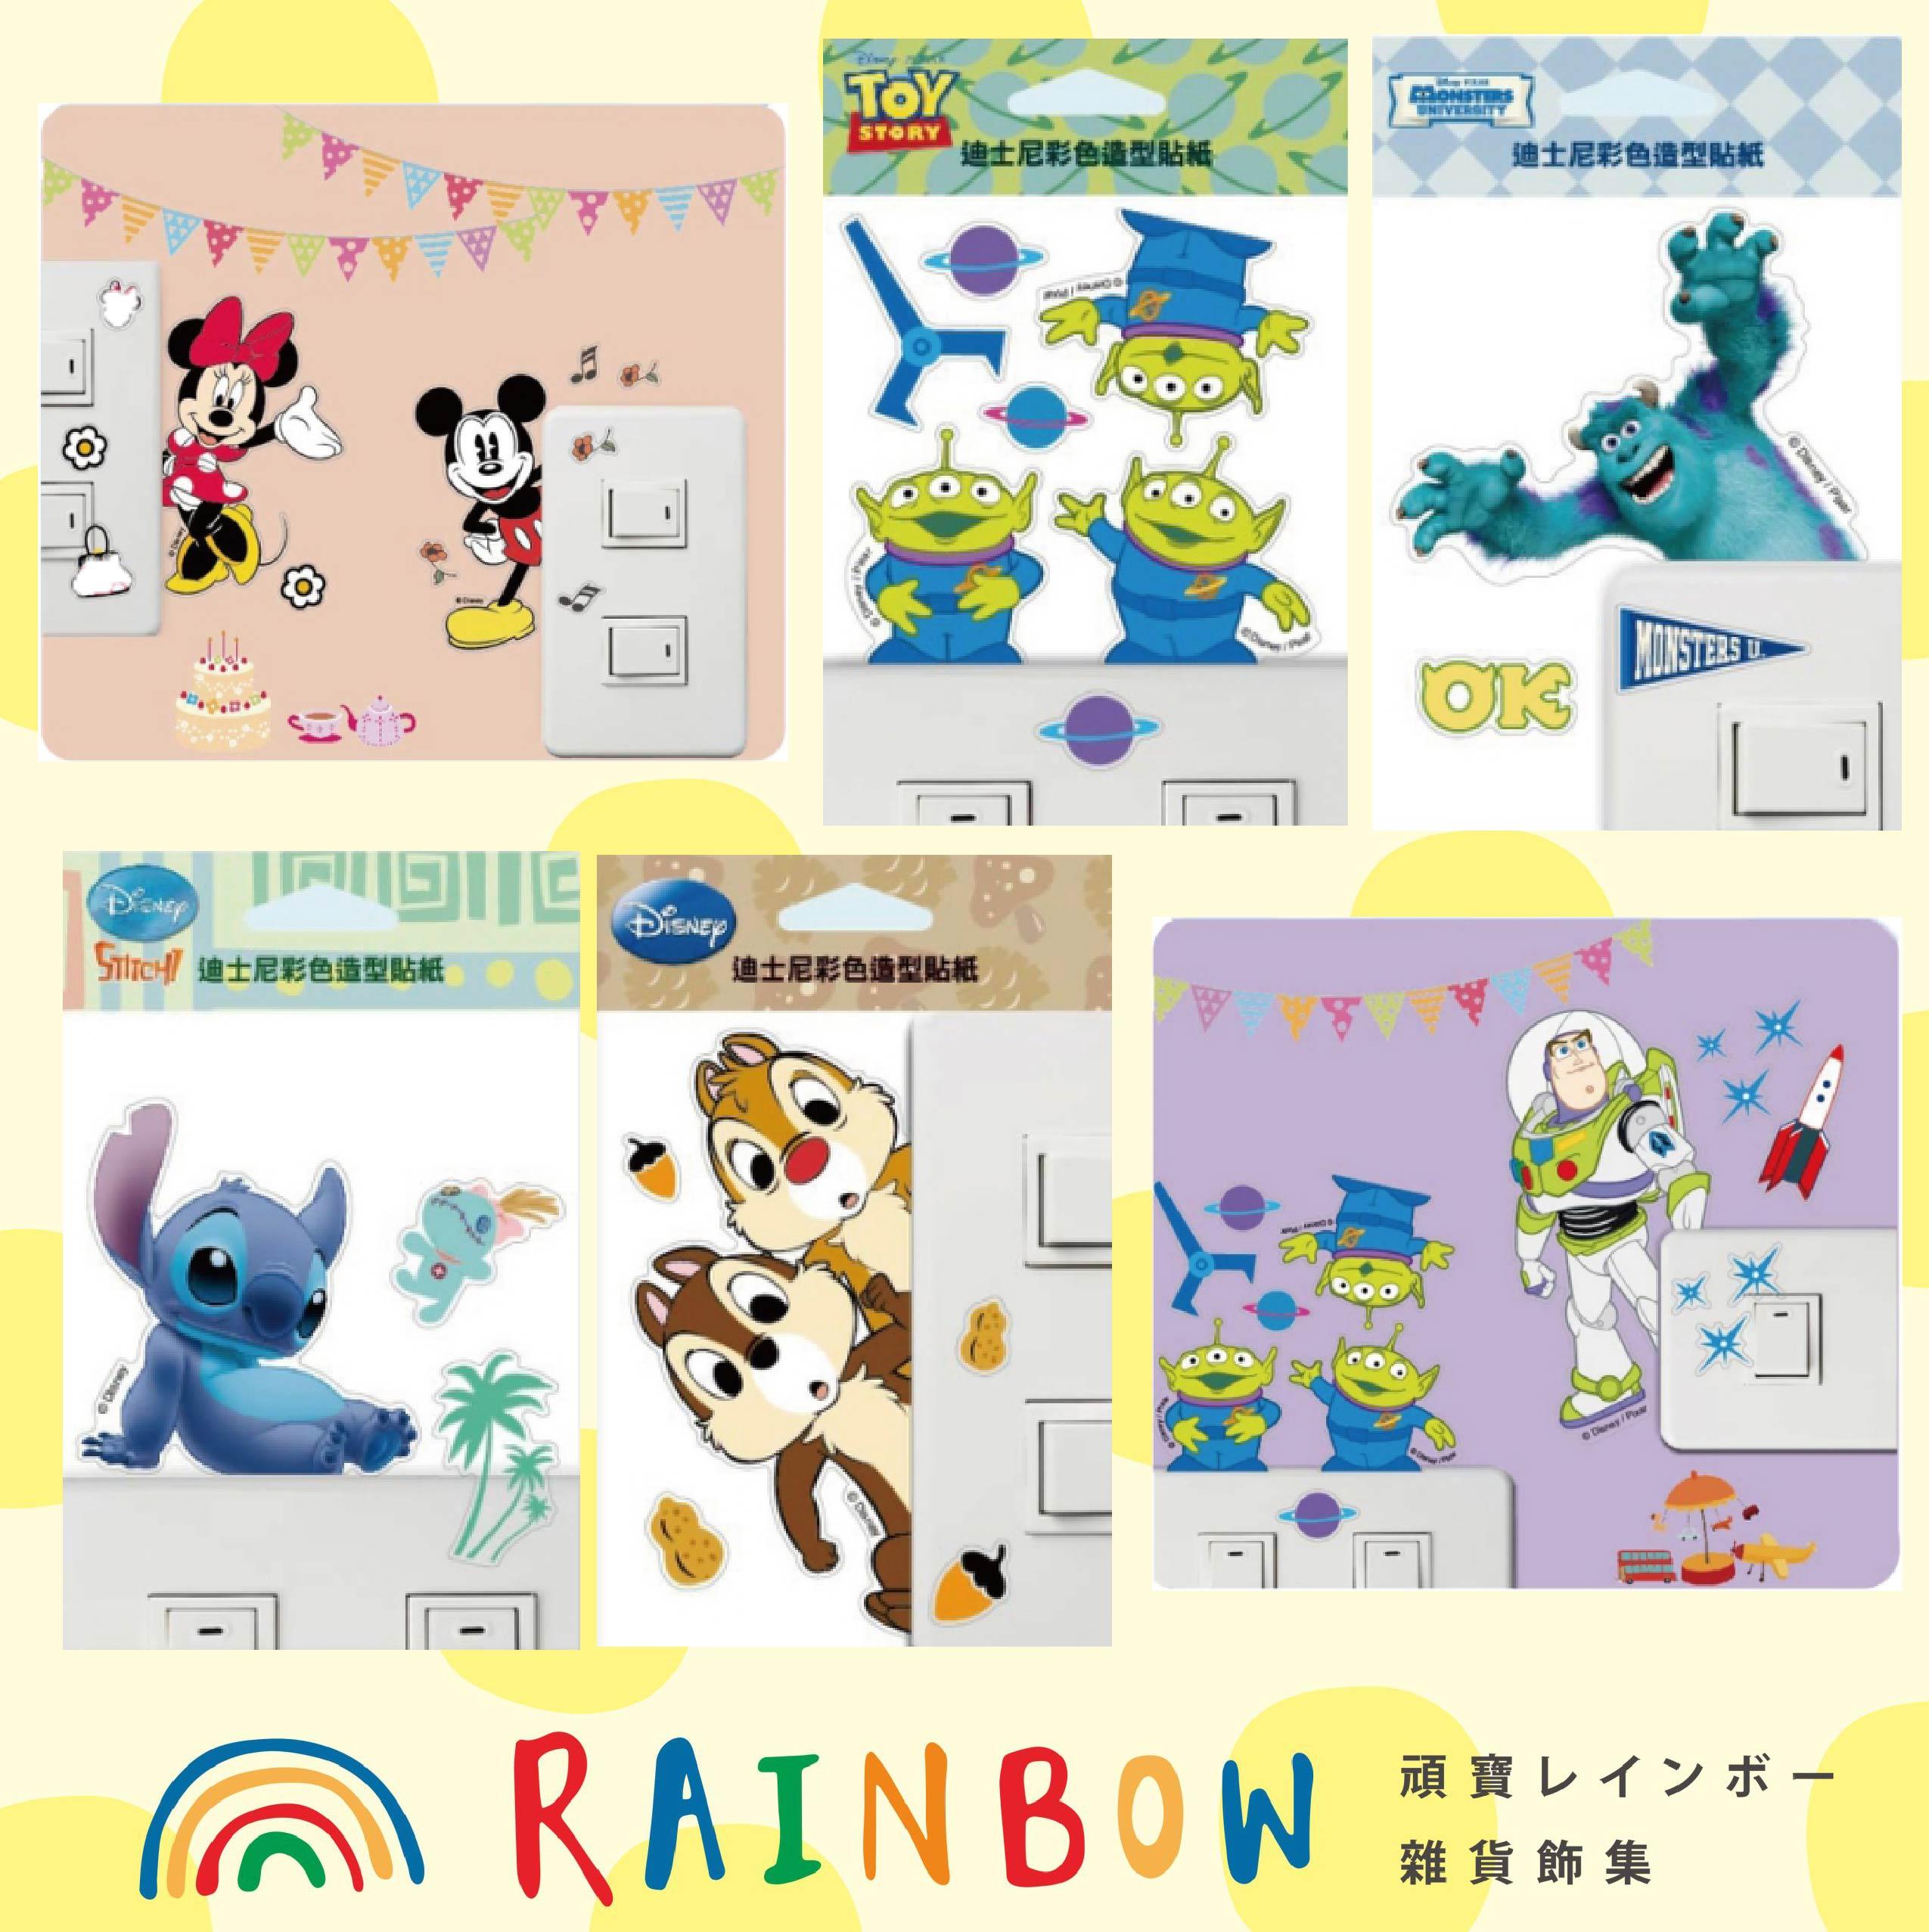 頑寶Rainbow * 迪士尼造型開關貼紙 - 米奇米妮大眼仔史迪奇胡迪巴斯光年